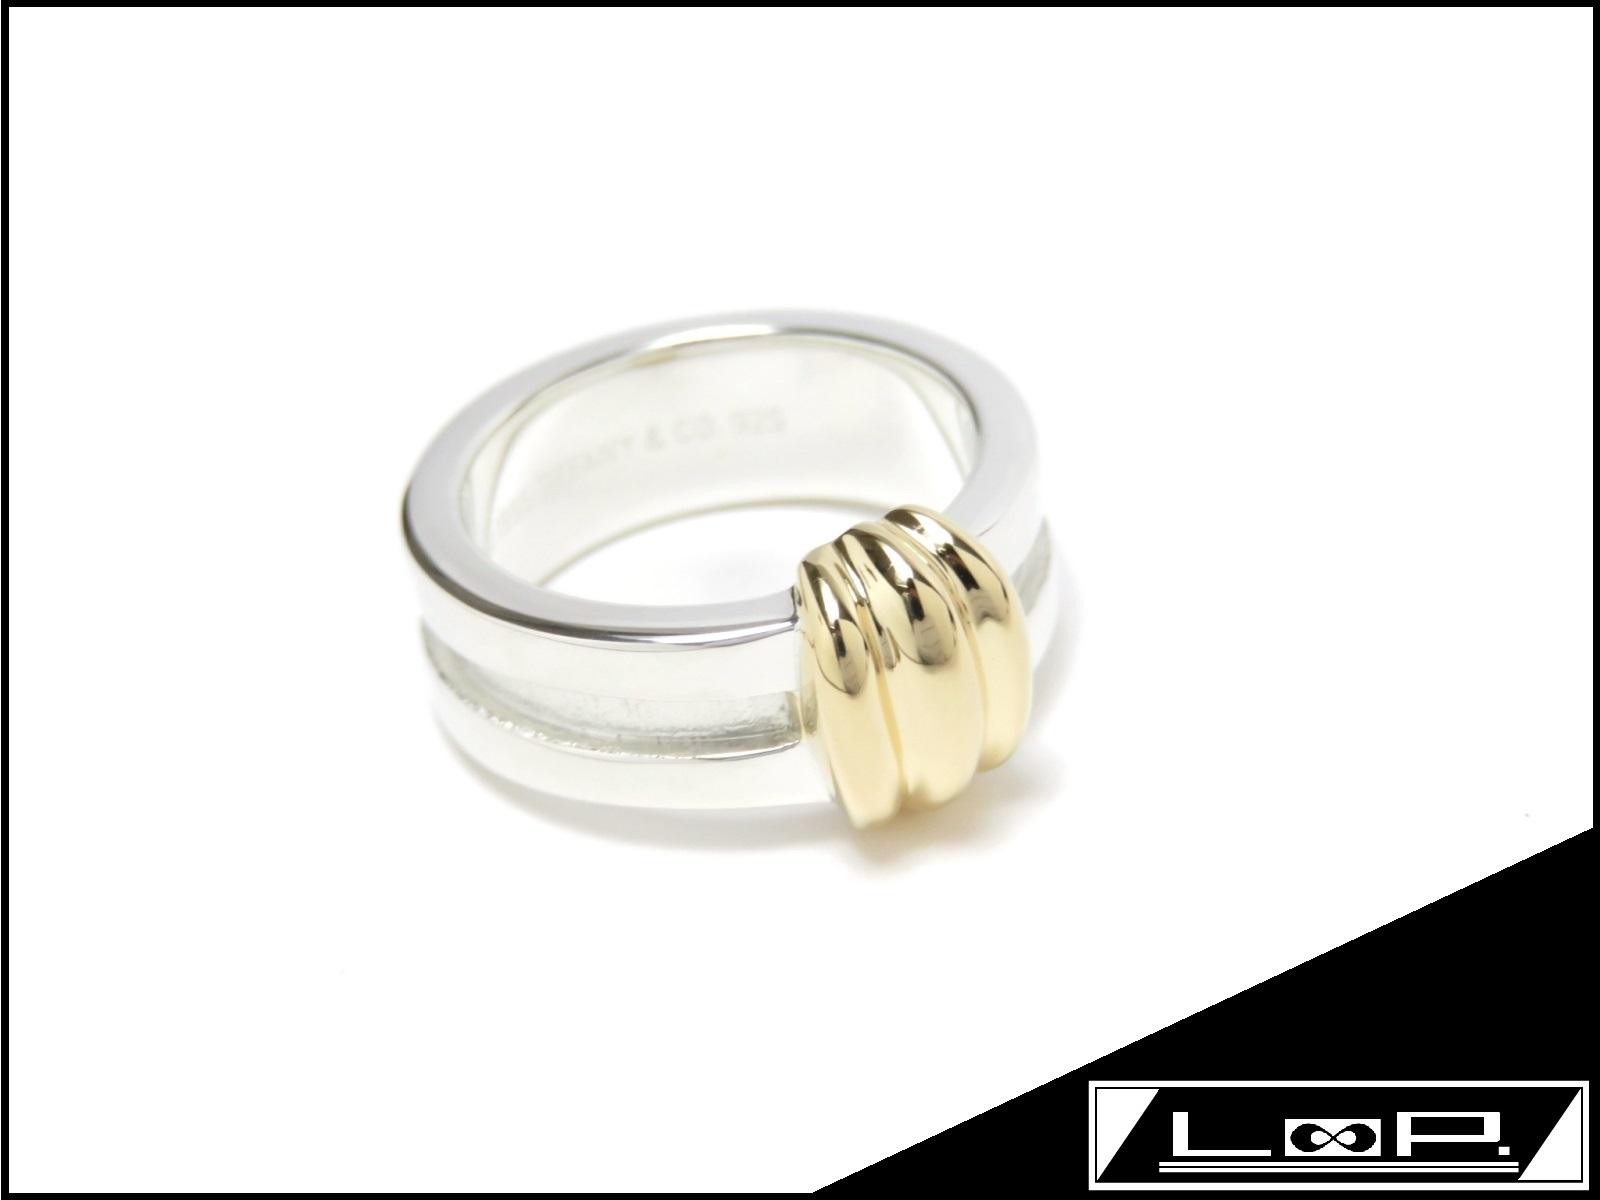 【磨き済 新同】 TIFFANY&Co. ティファニー リング 指輪 アクセサリー コンビ ゴールド シルバー K18 YG 750 SV 925 【A24577】 【中古】